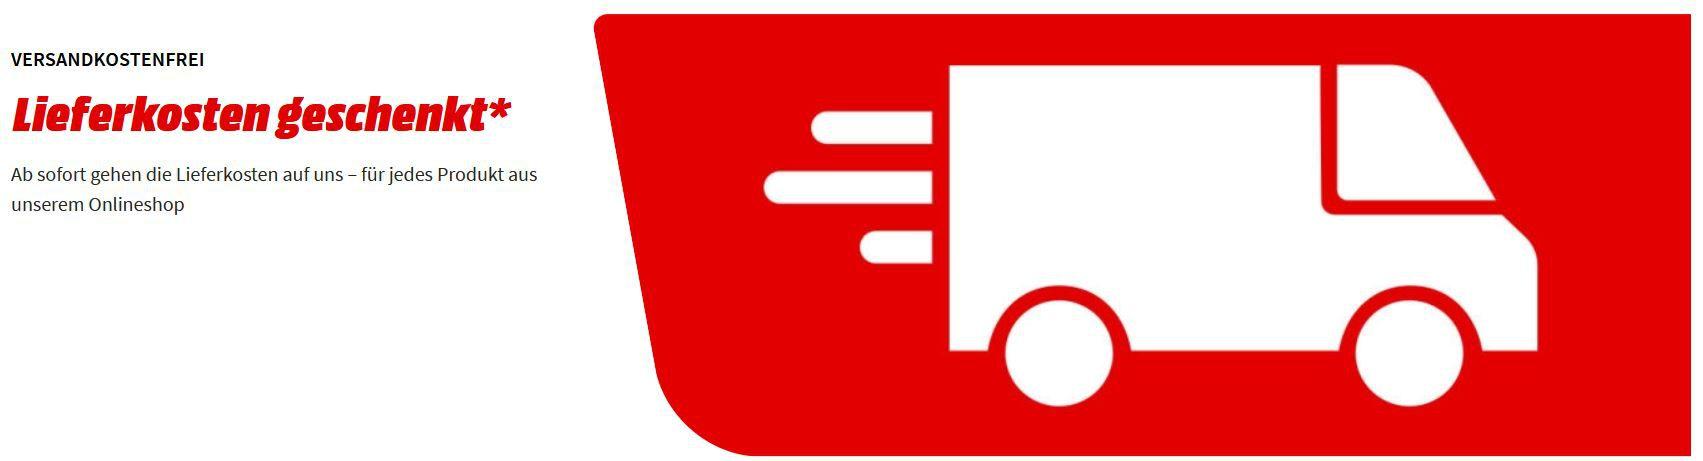 Tipp! Saturn und Media Markt bis Mai ohne Versandkosten und ohne MBW